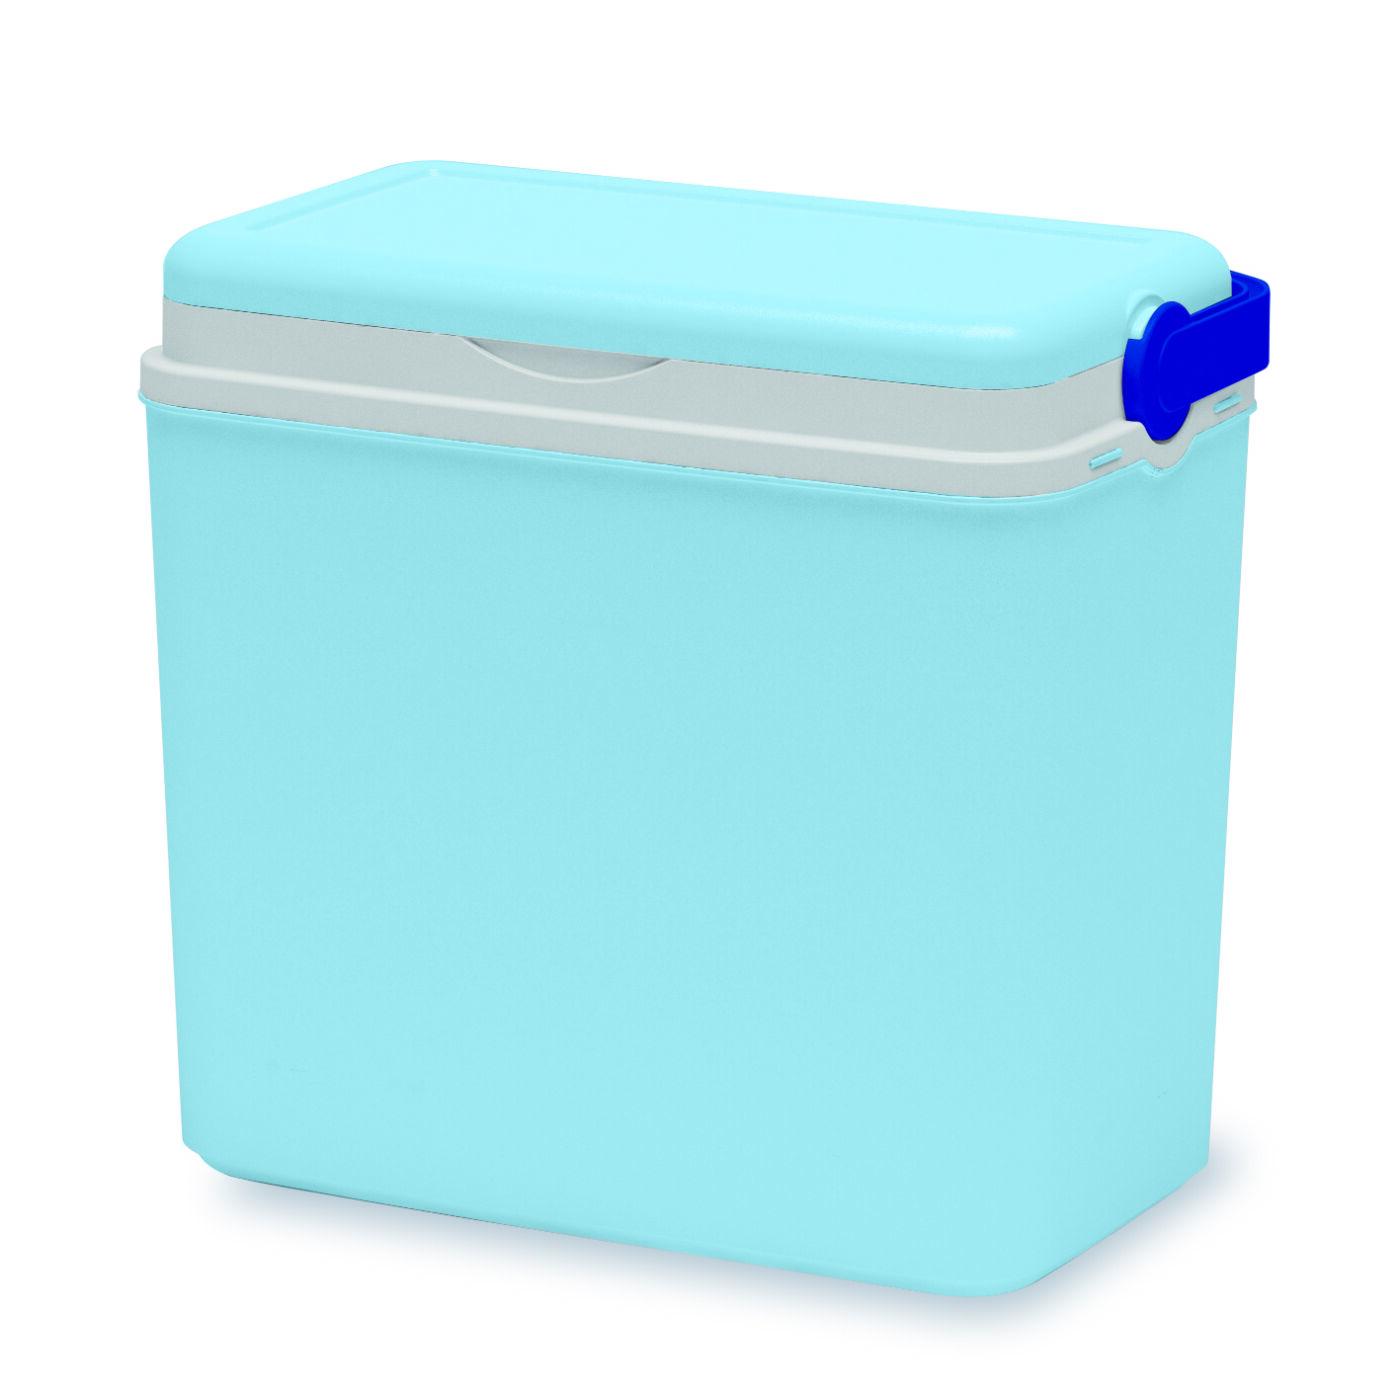 Hűtőtáska 24l-es világoskék